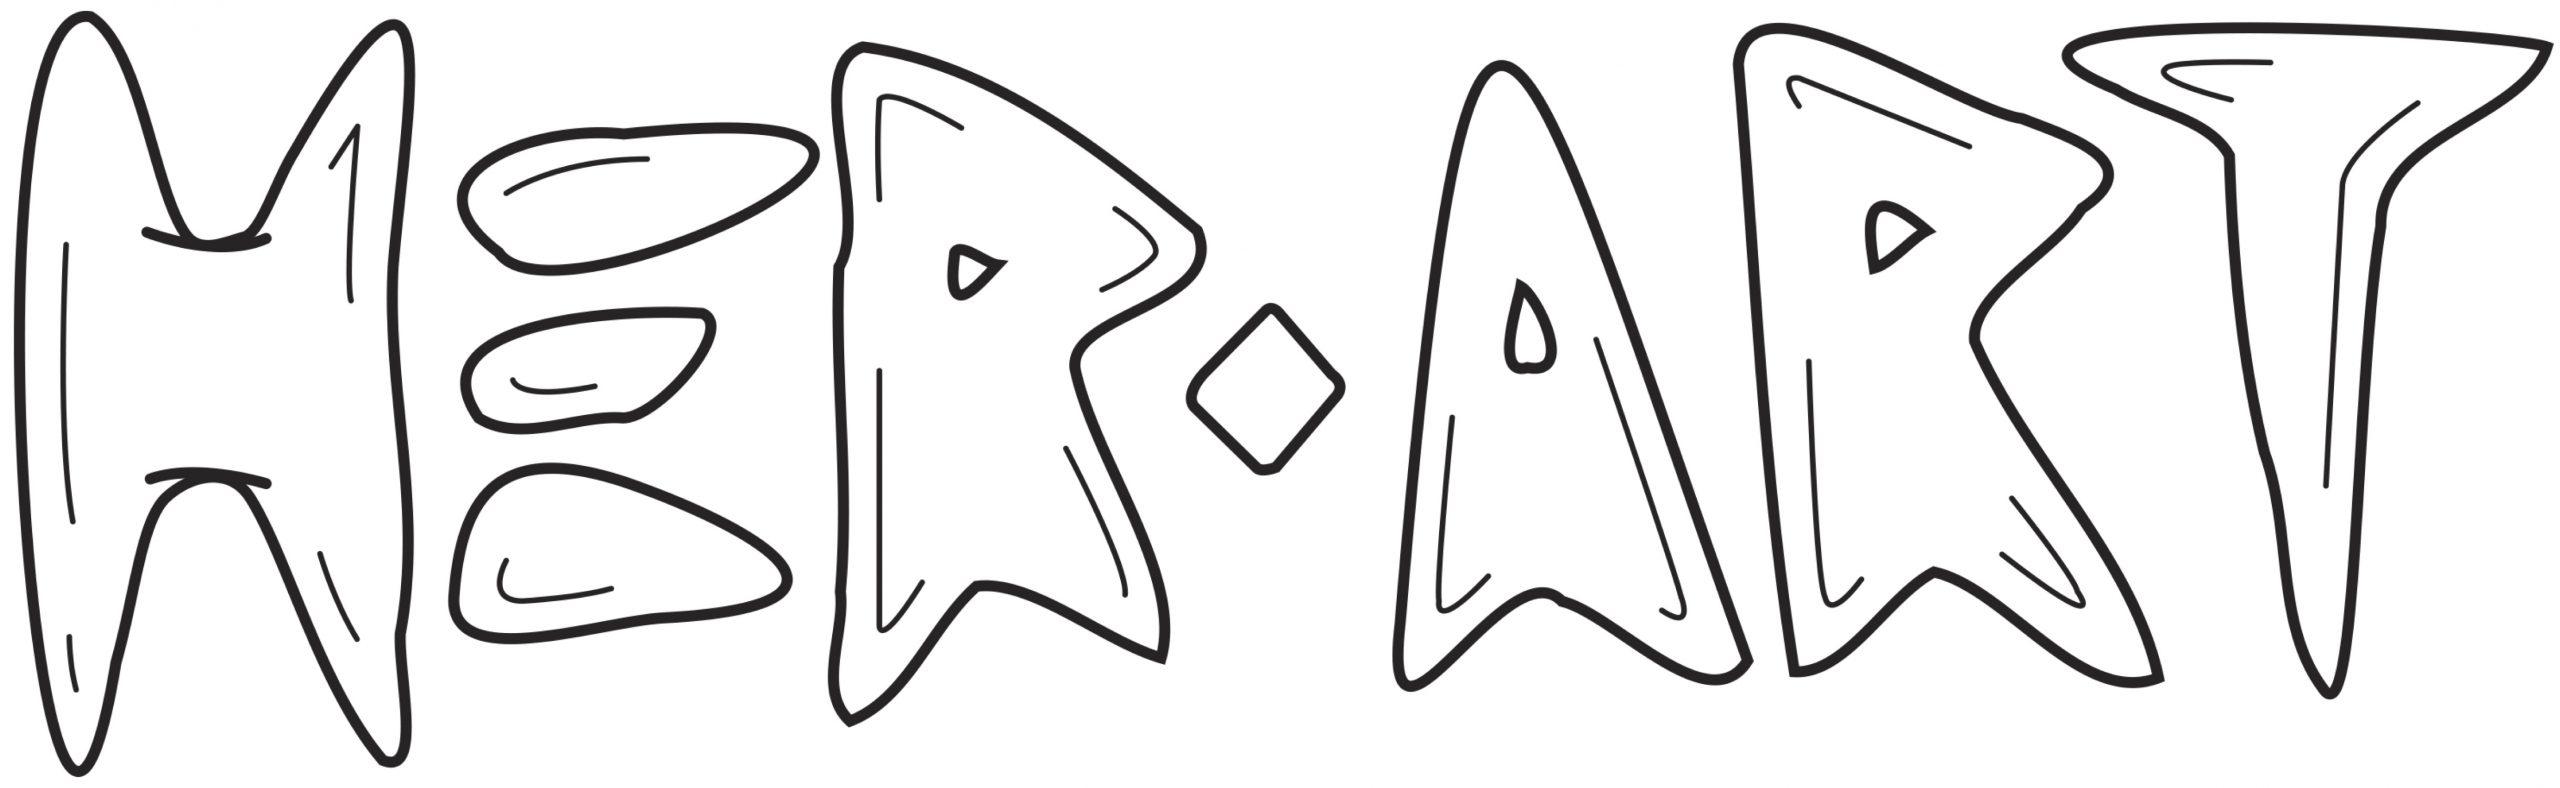 Her art logo